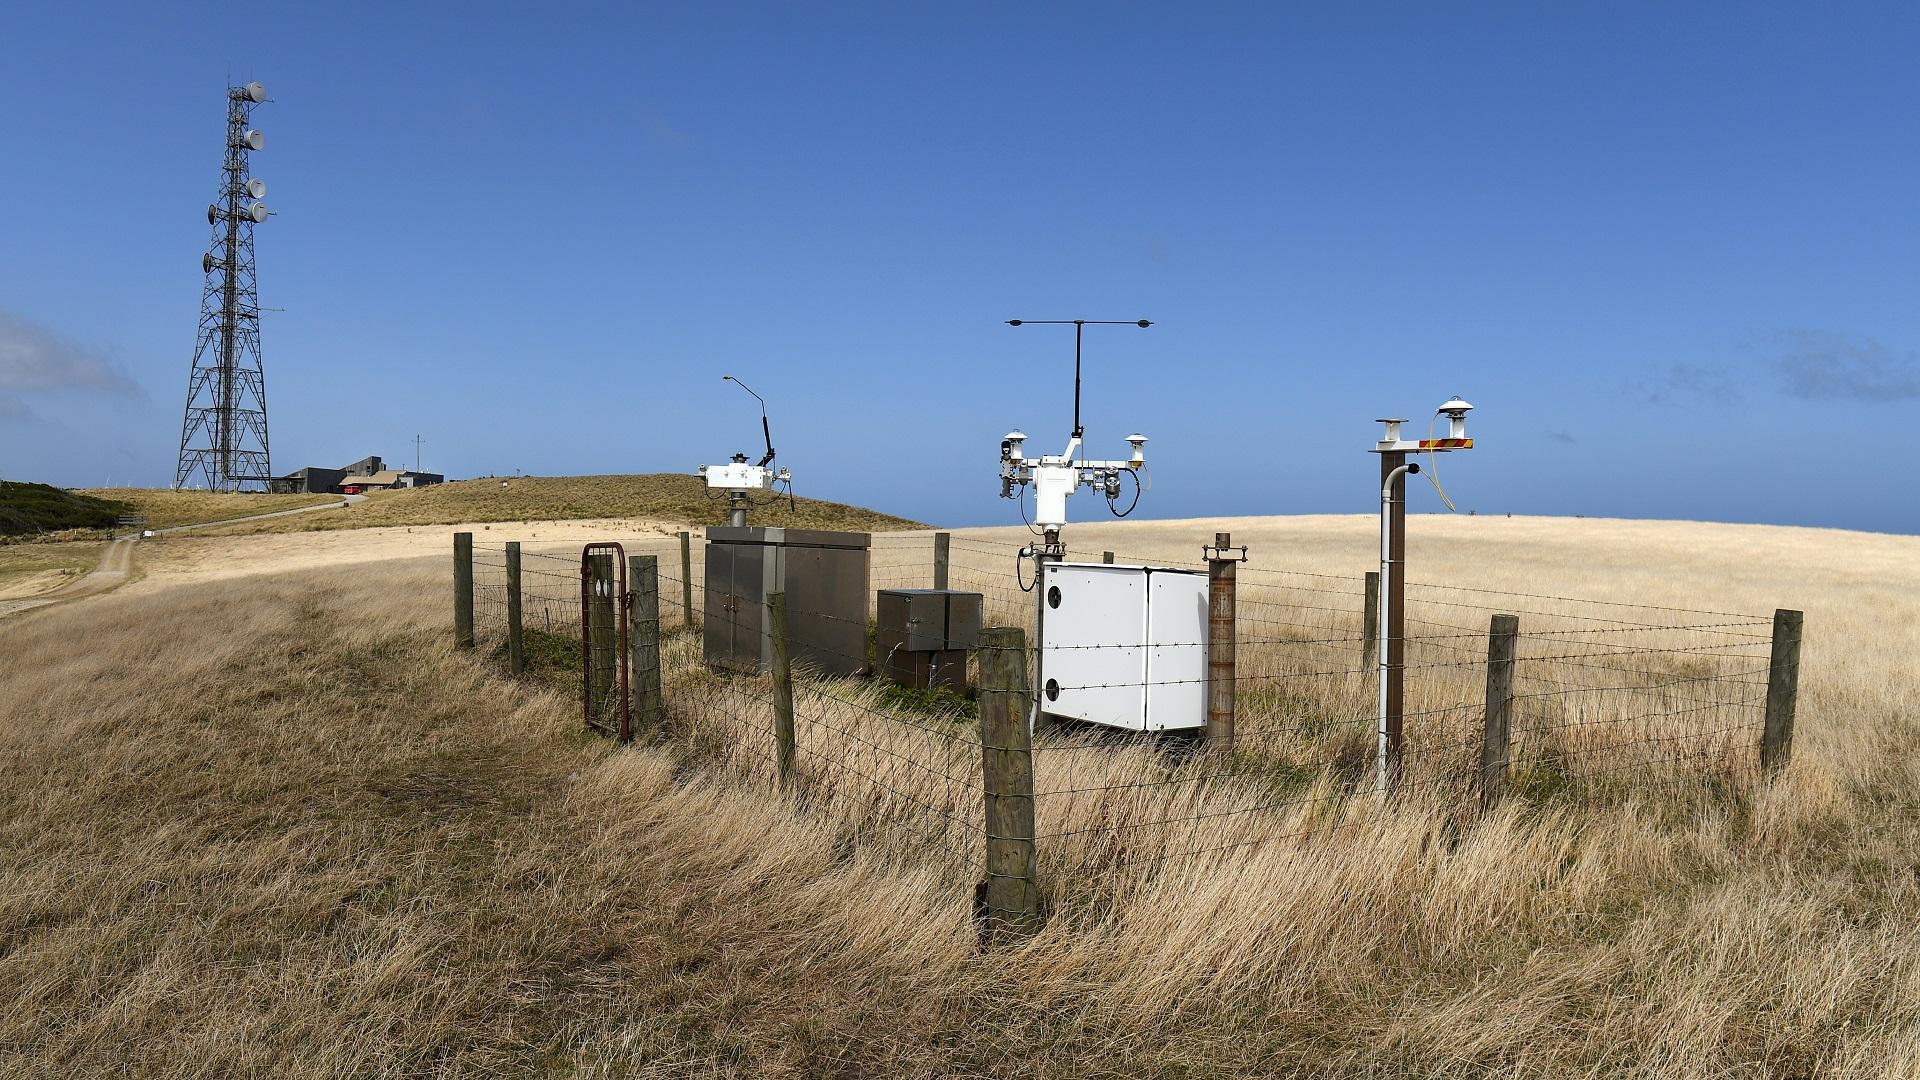 Estación de medición de contaminación. Foto de AFP / William West